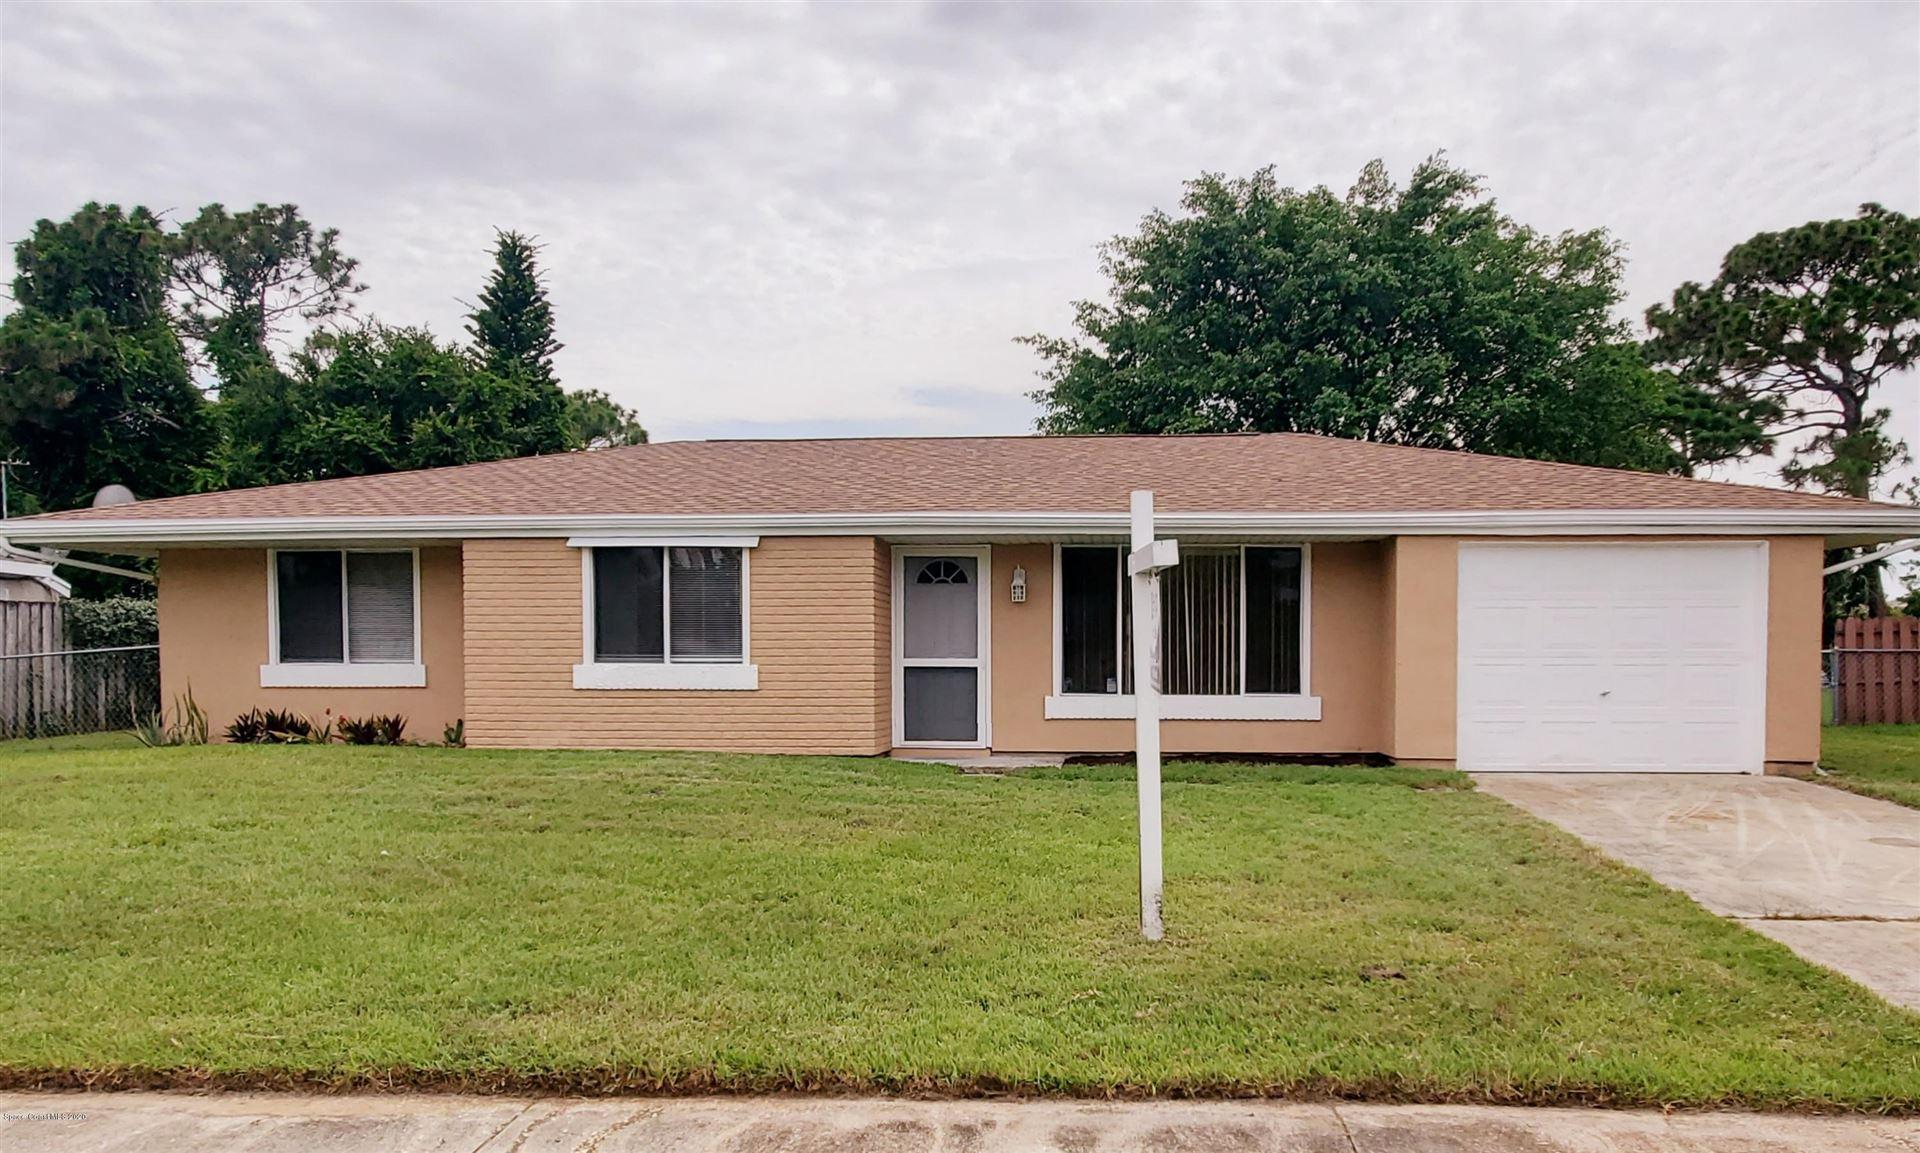 1398 Mariposa Drive, Palm Bay, FL 32905 - MLS#: 864627